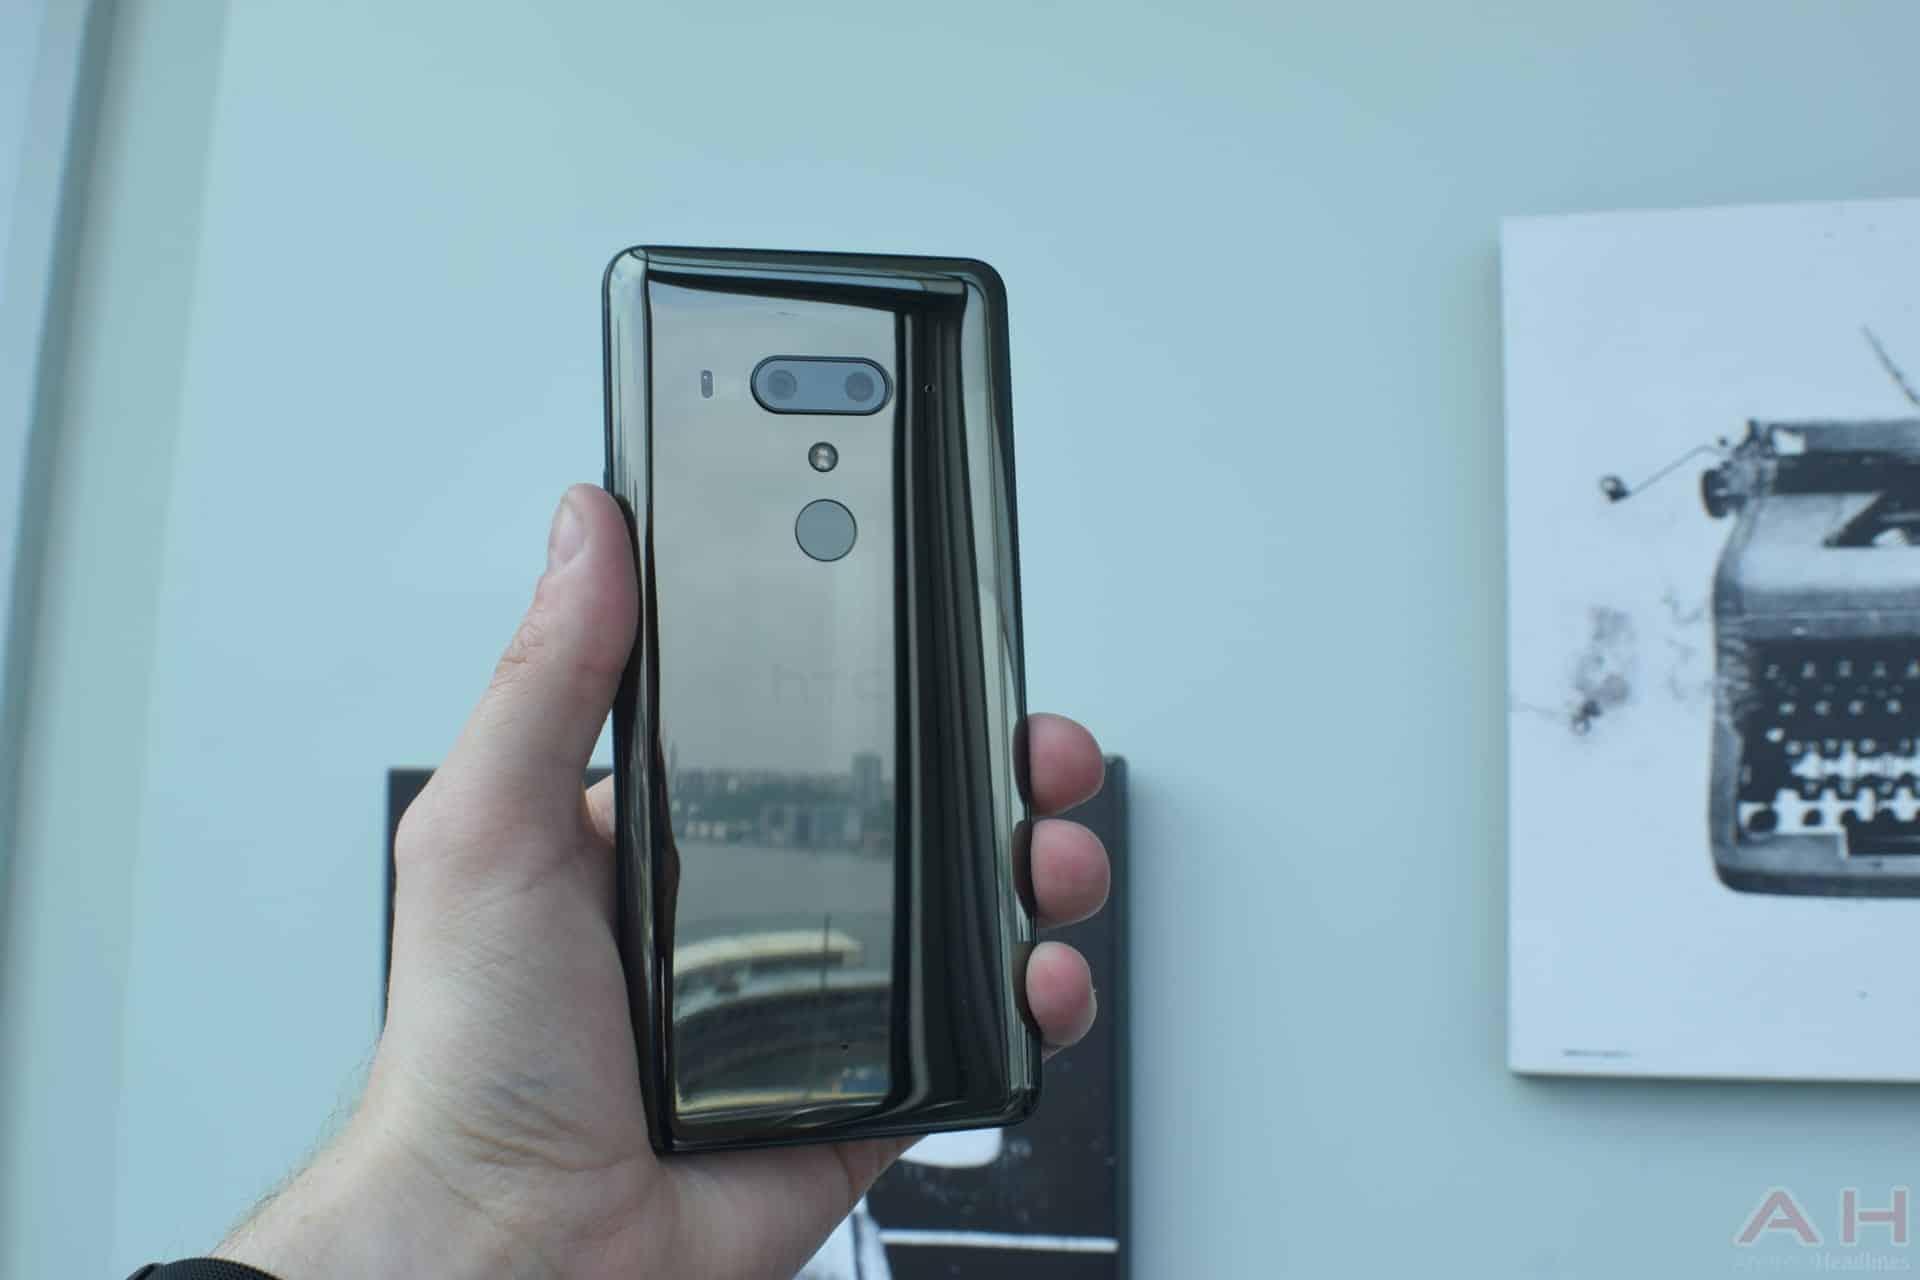 HTC U12 Plus 2 AM AH 19